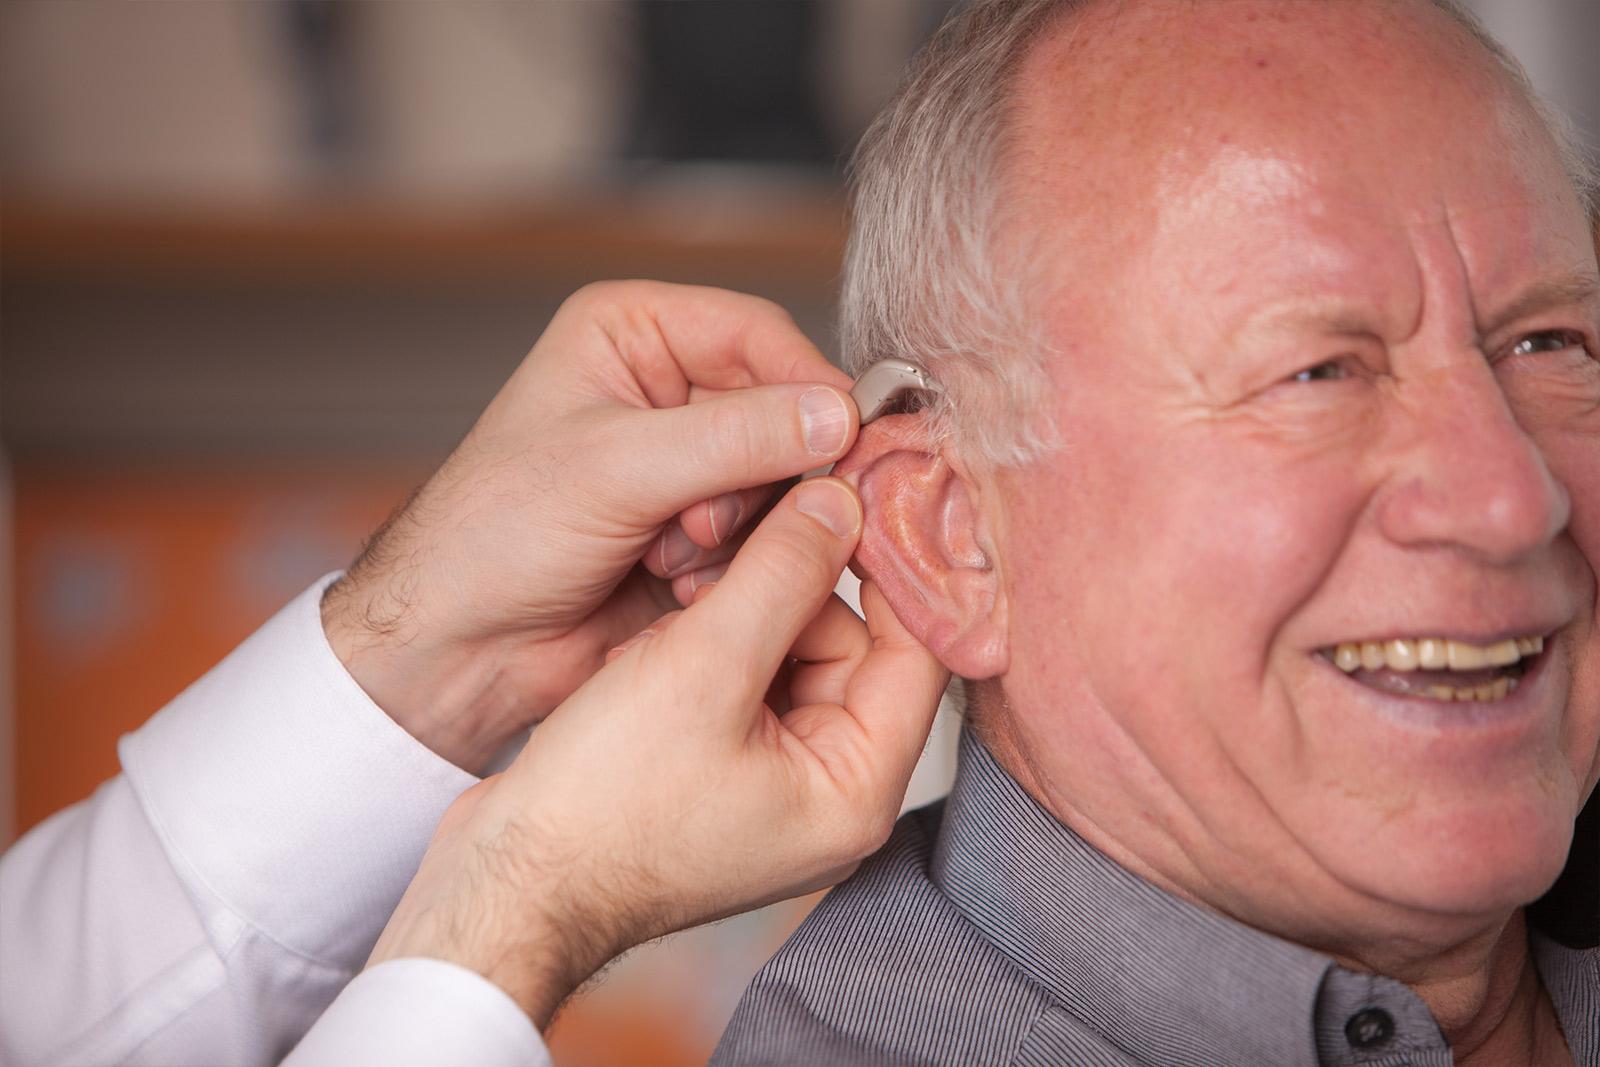 Anpassung des Hörgeräts am Kunden